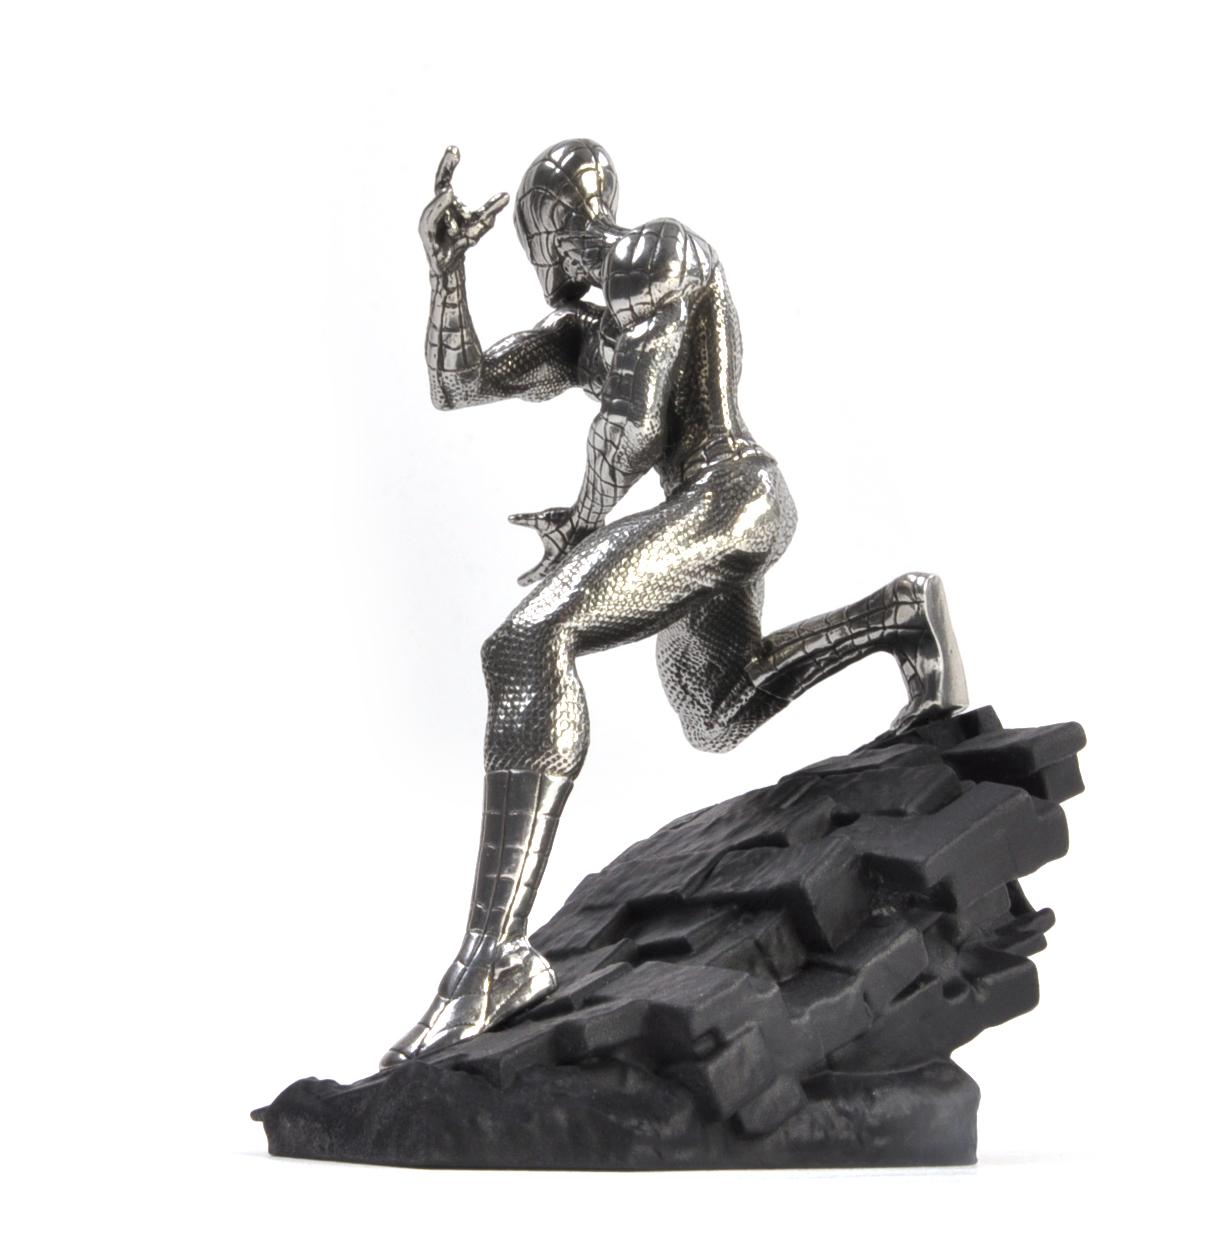 Sculpture by Royal Selangor Marvel Figurine Spiderman Webslinger